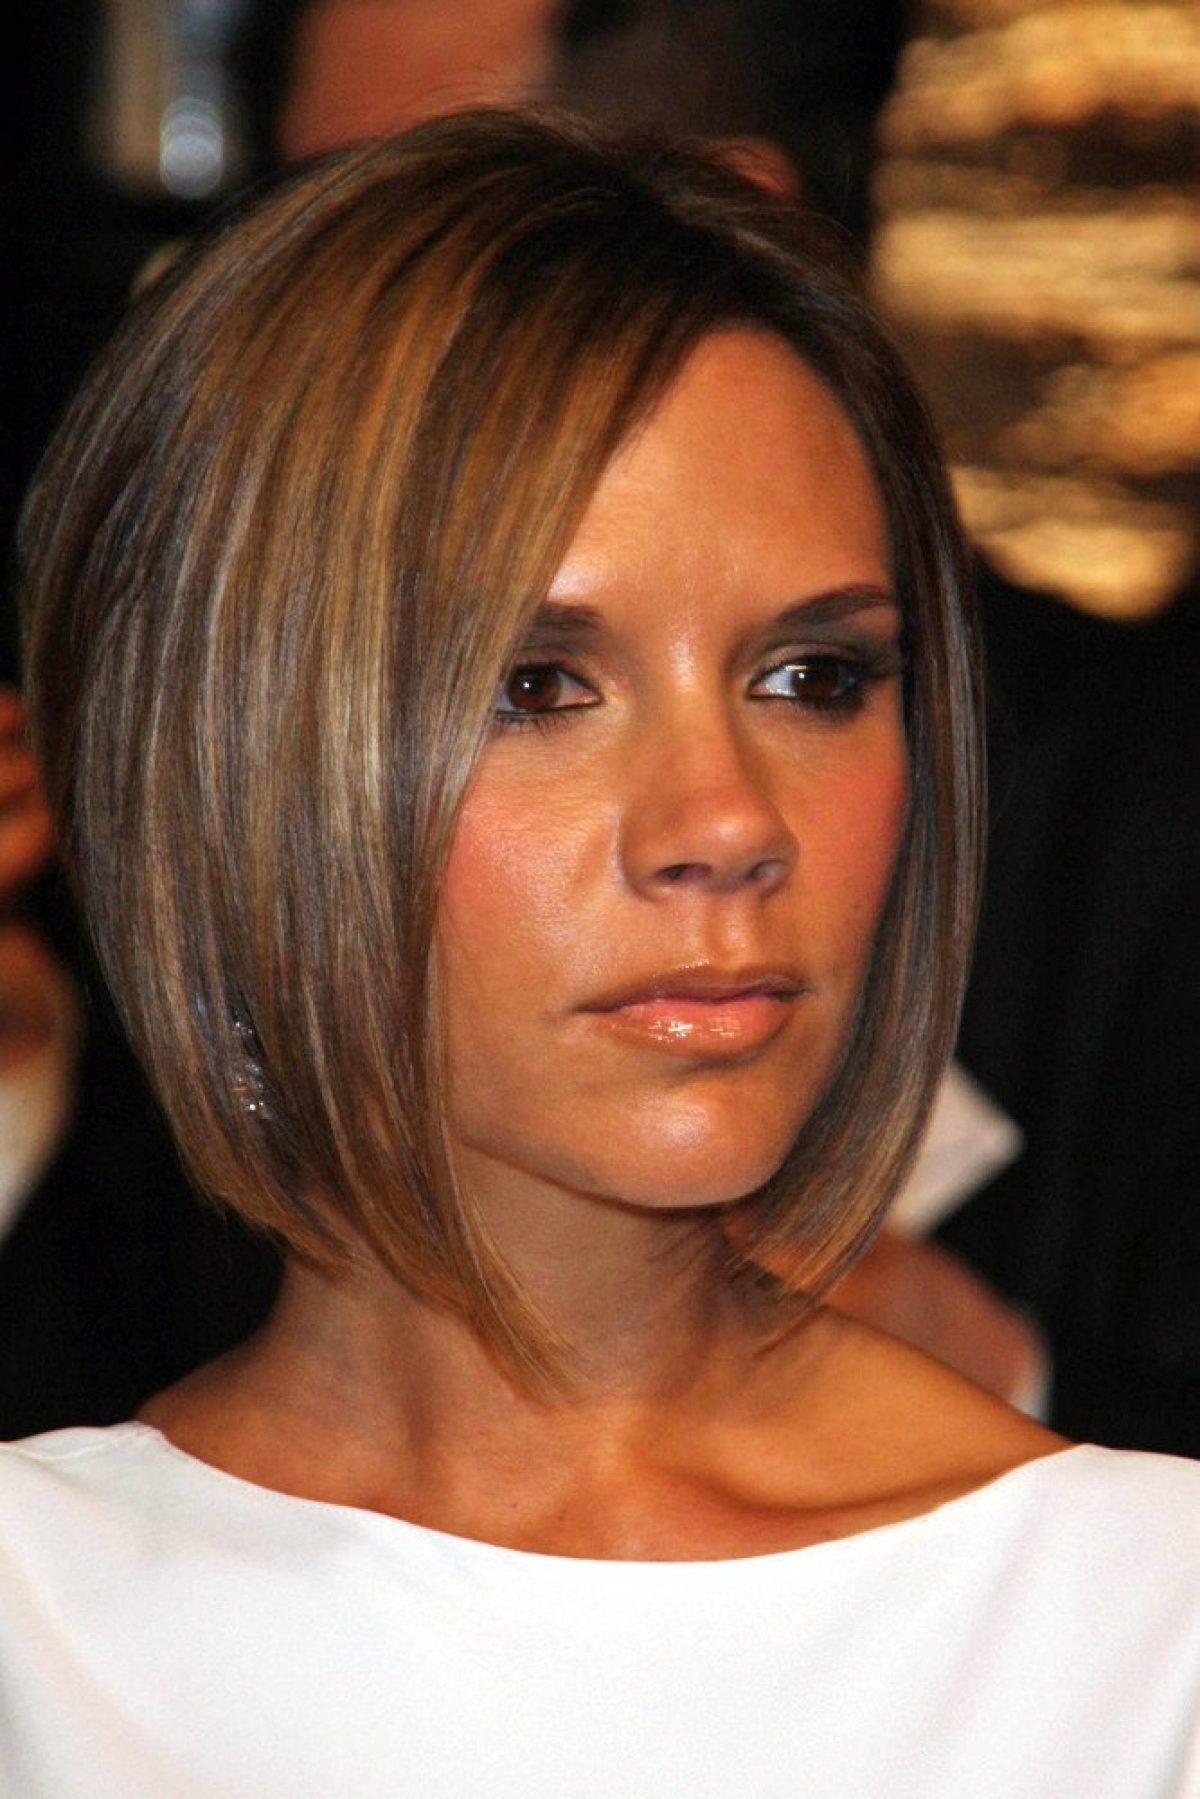 Victoria Beckham Frisuren - Die 12 Schönsten Frisuren zum